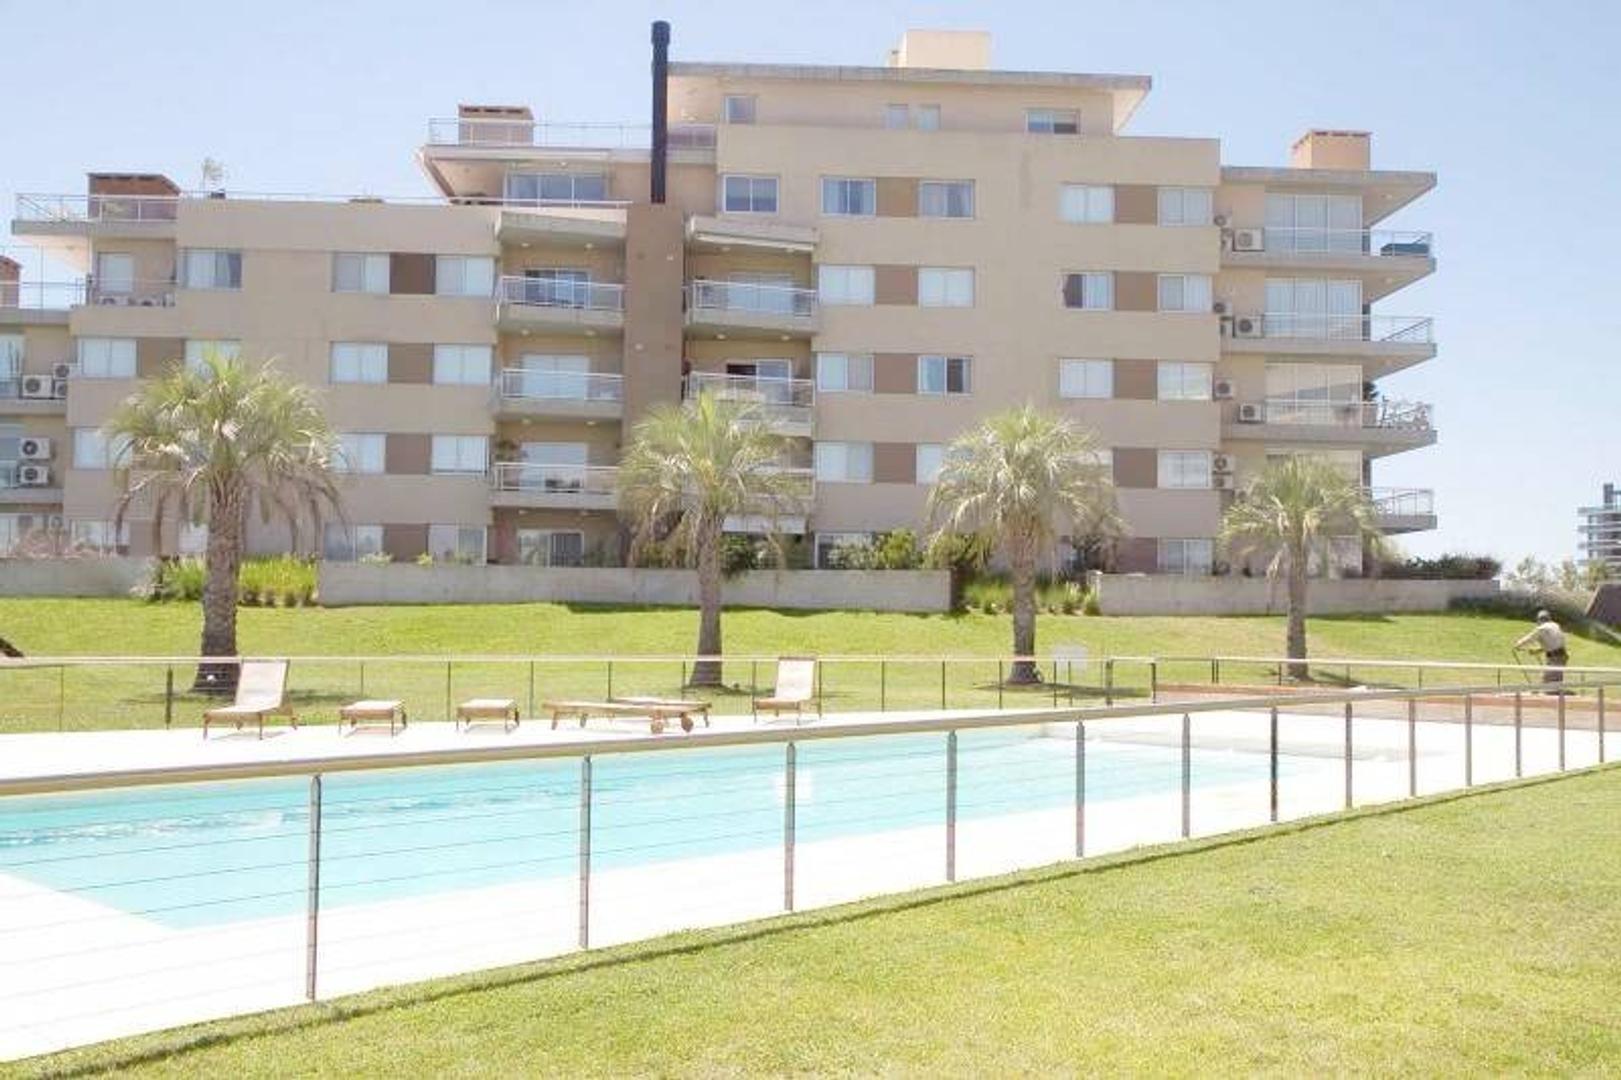 Departamento en venta en NORDELTA - ISLAS DEL CANAL | Edificio Ribera